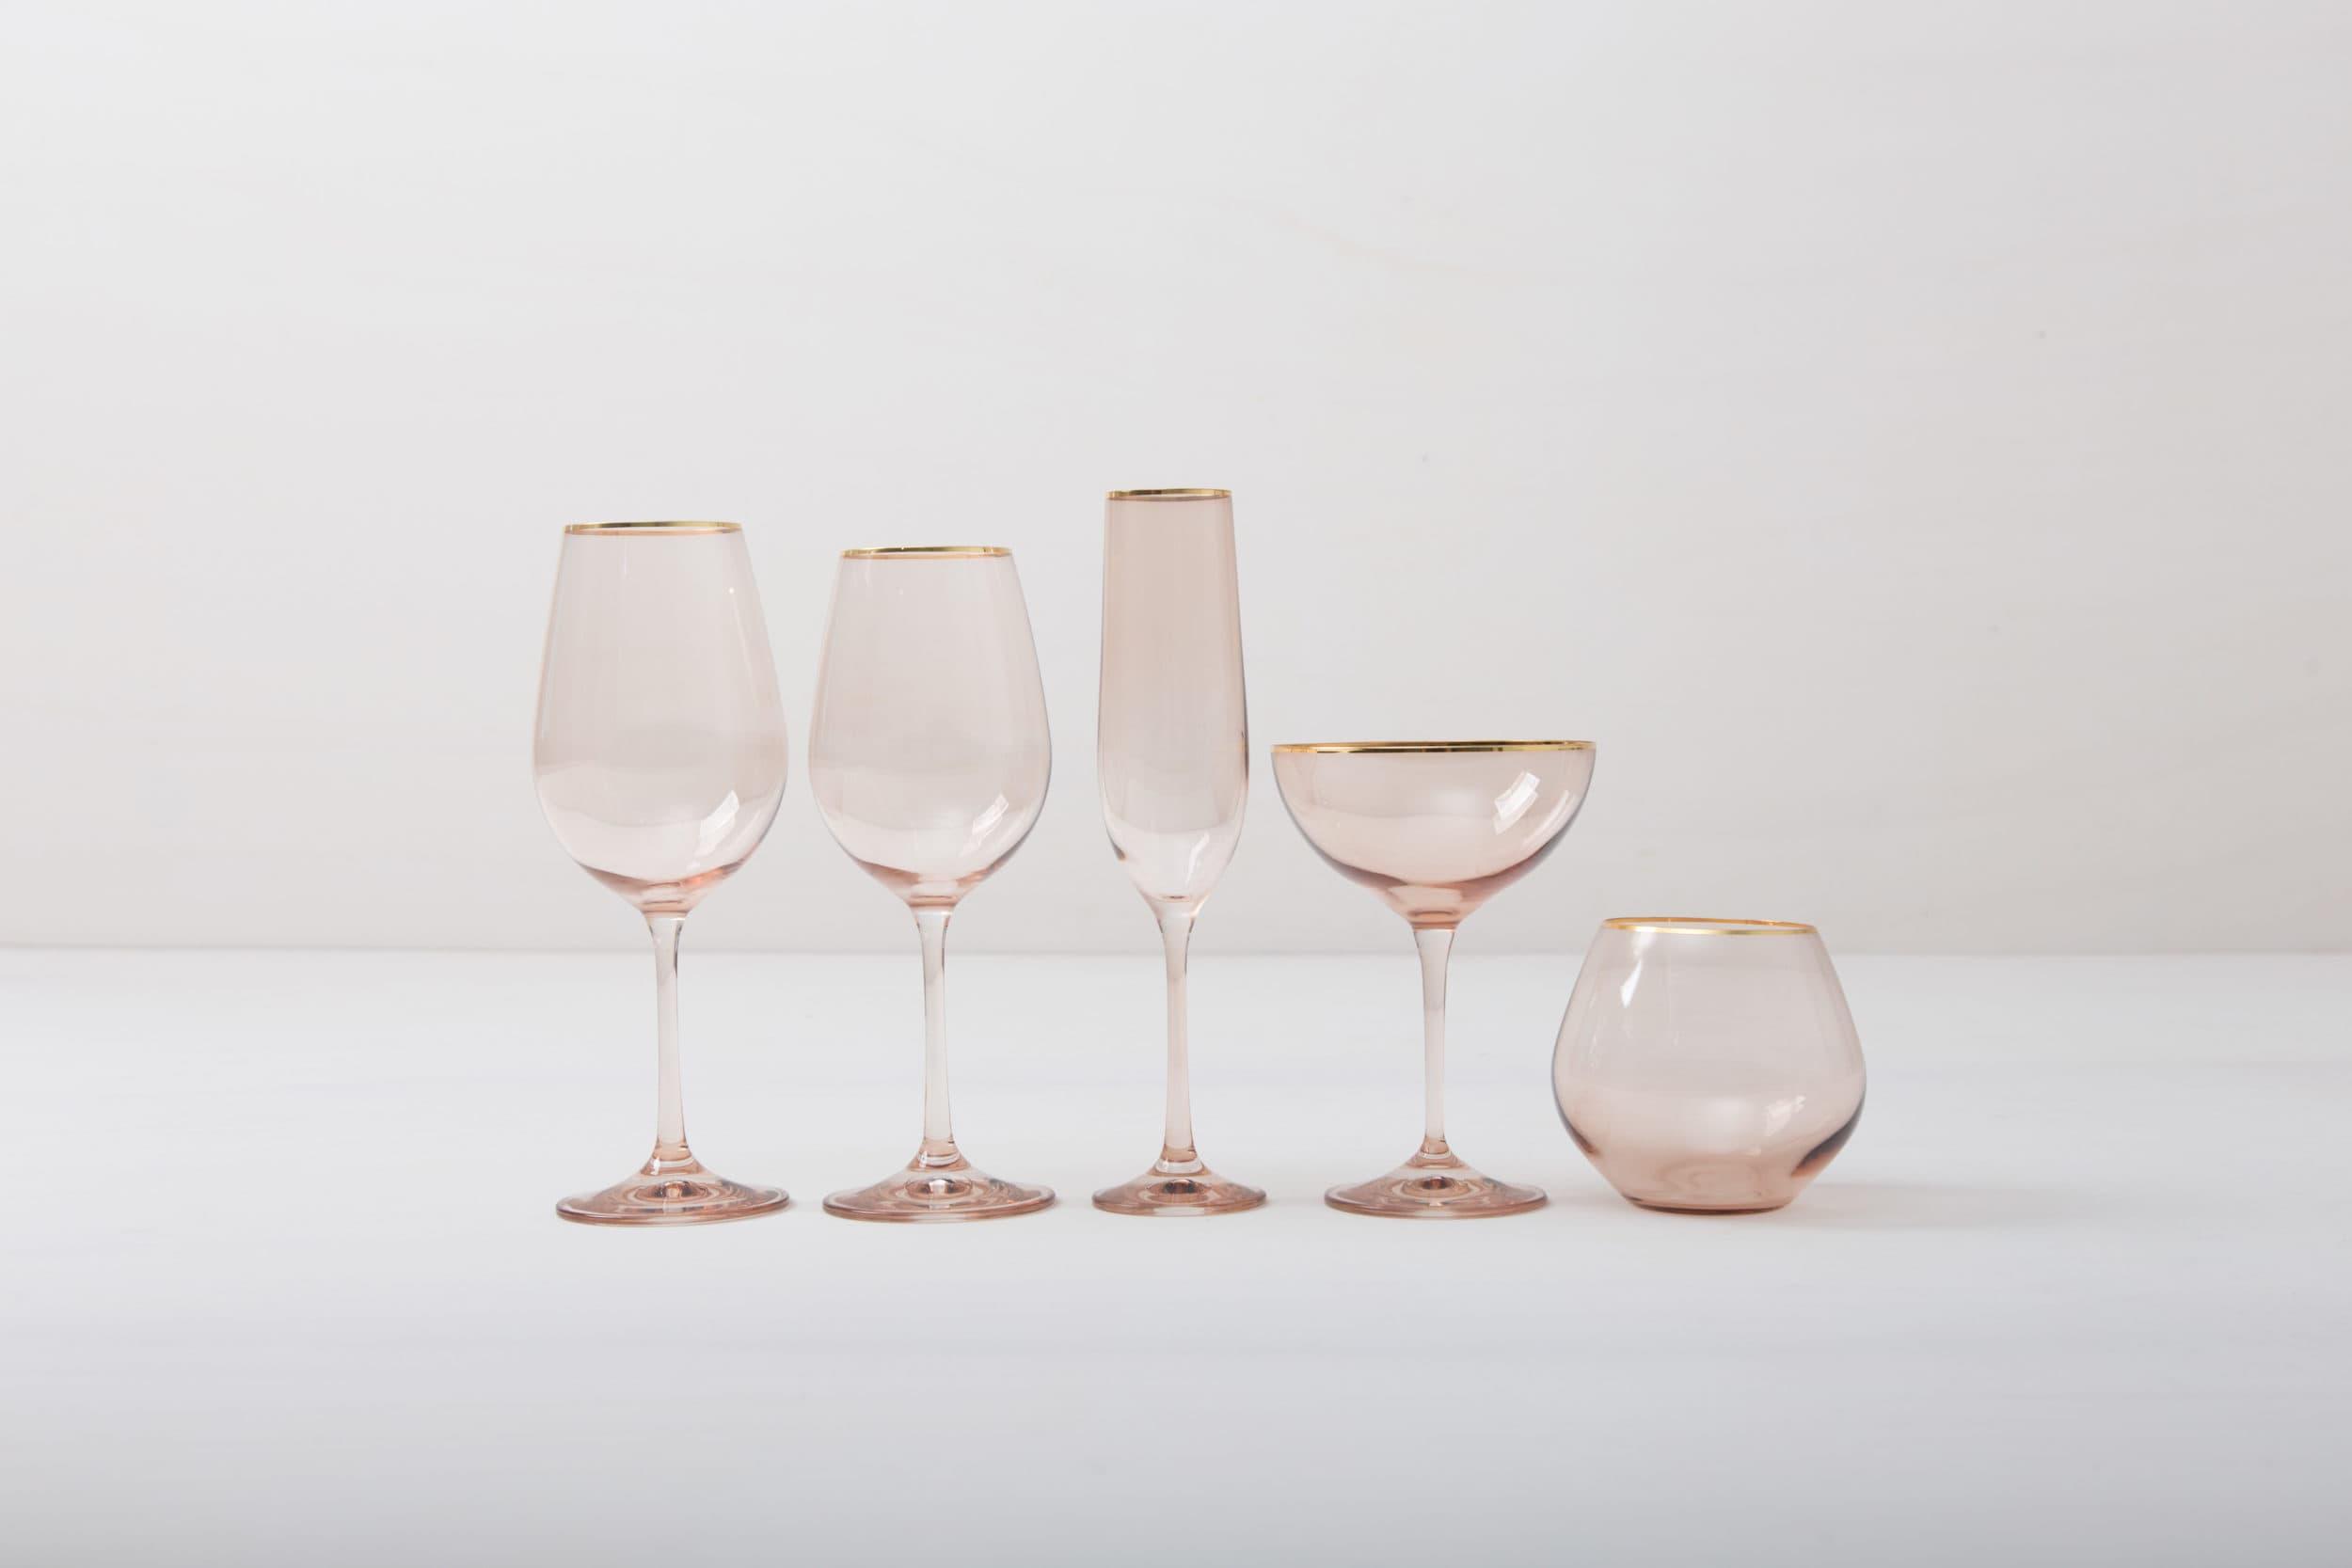 Champagnerglas mit Goldrand mieten, Hamburg, Berlin, Köln